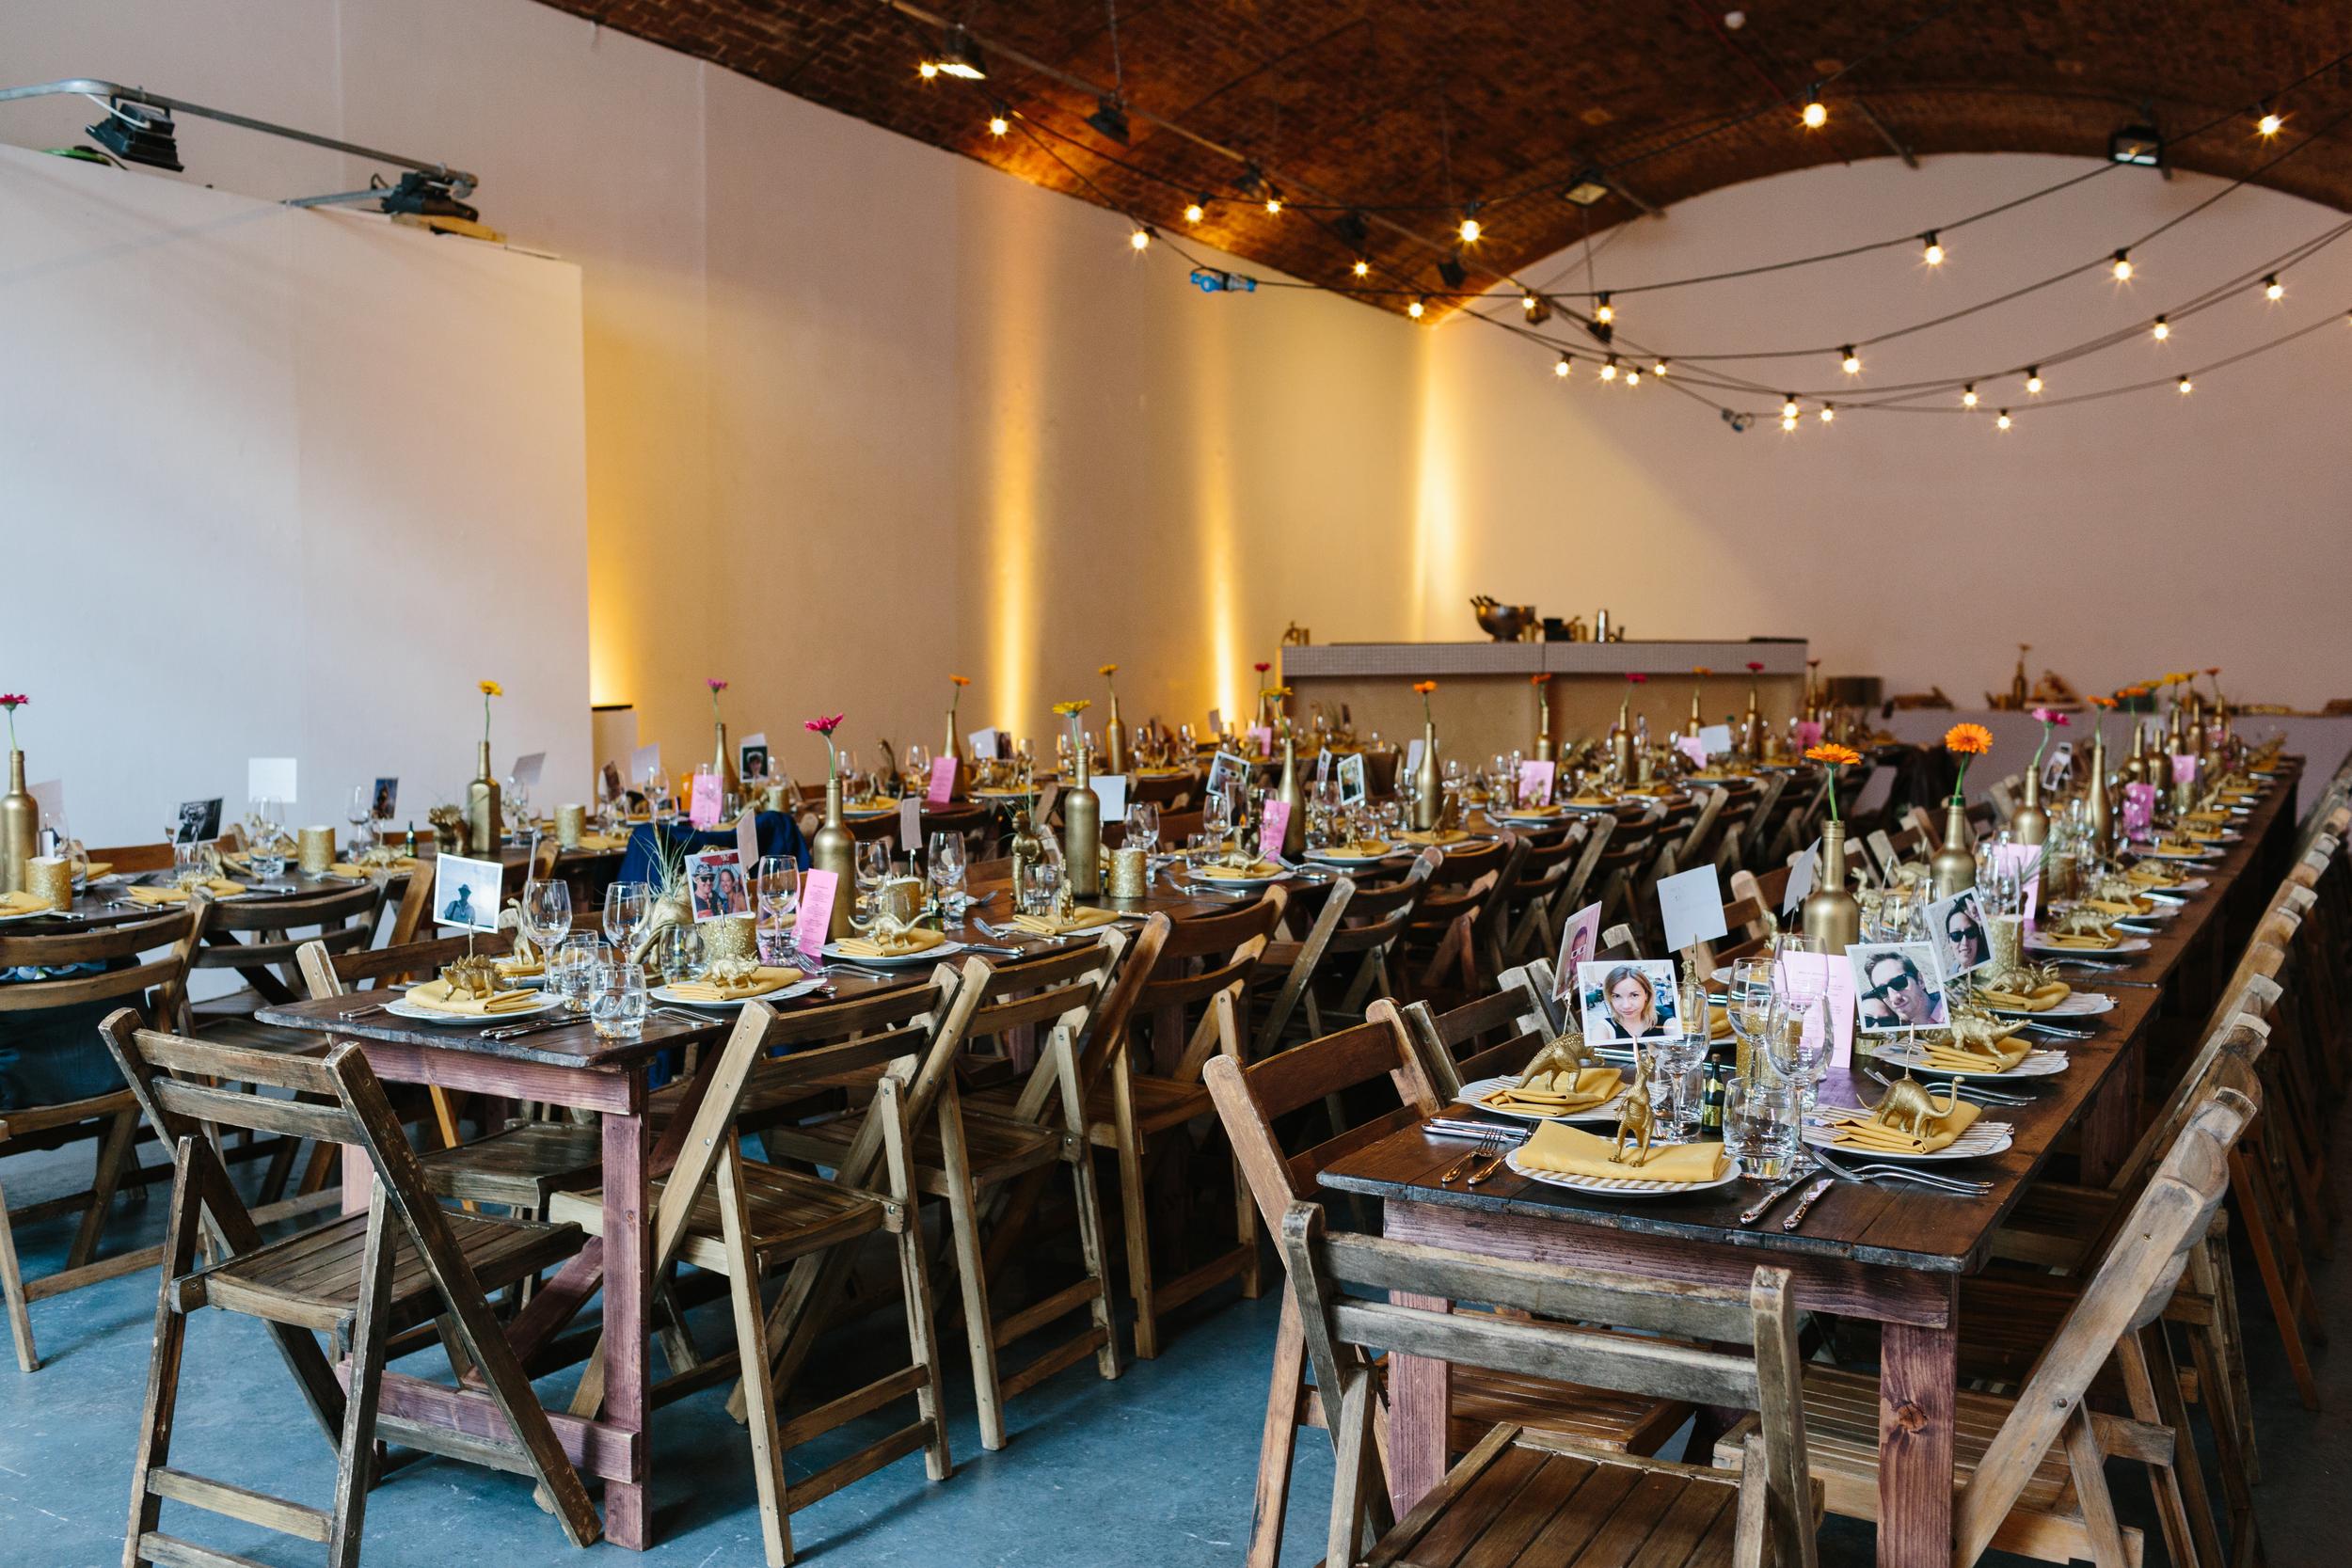 Hoxton gallery wedding venue